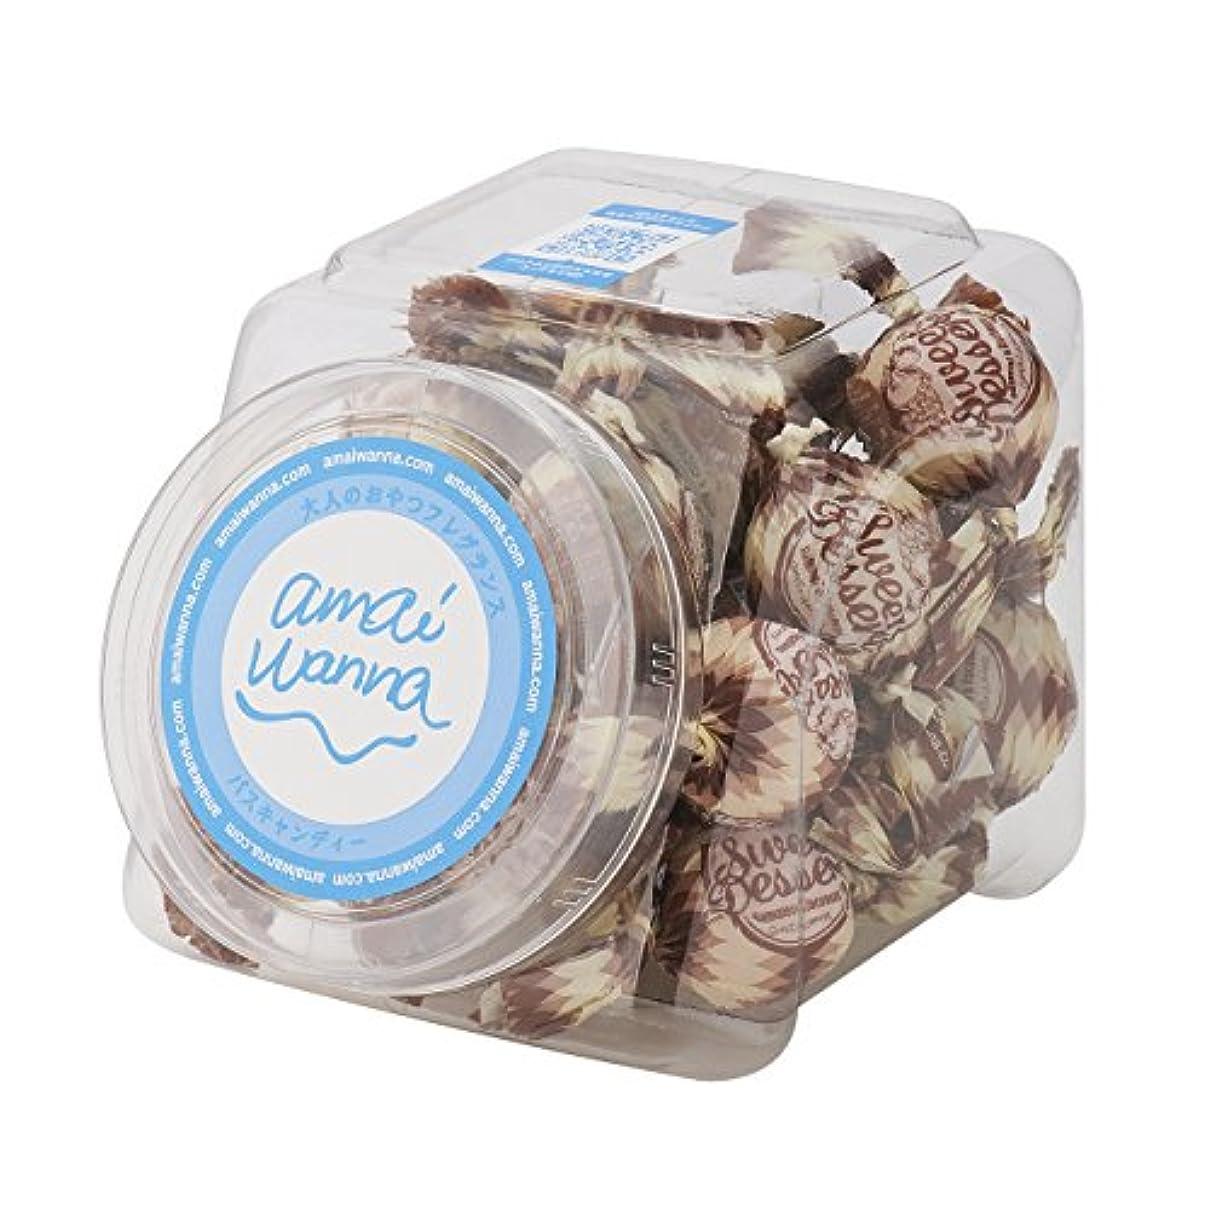 パスタ購入腐敗したアマイワナ バスキャンディーポットセット 真夏のココ 35g×24コ(発泡タイプ入浴料 風にそよぐスイートココナッツの香り)